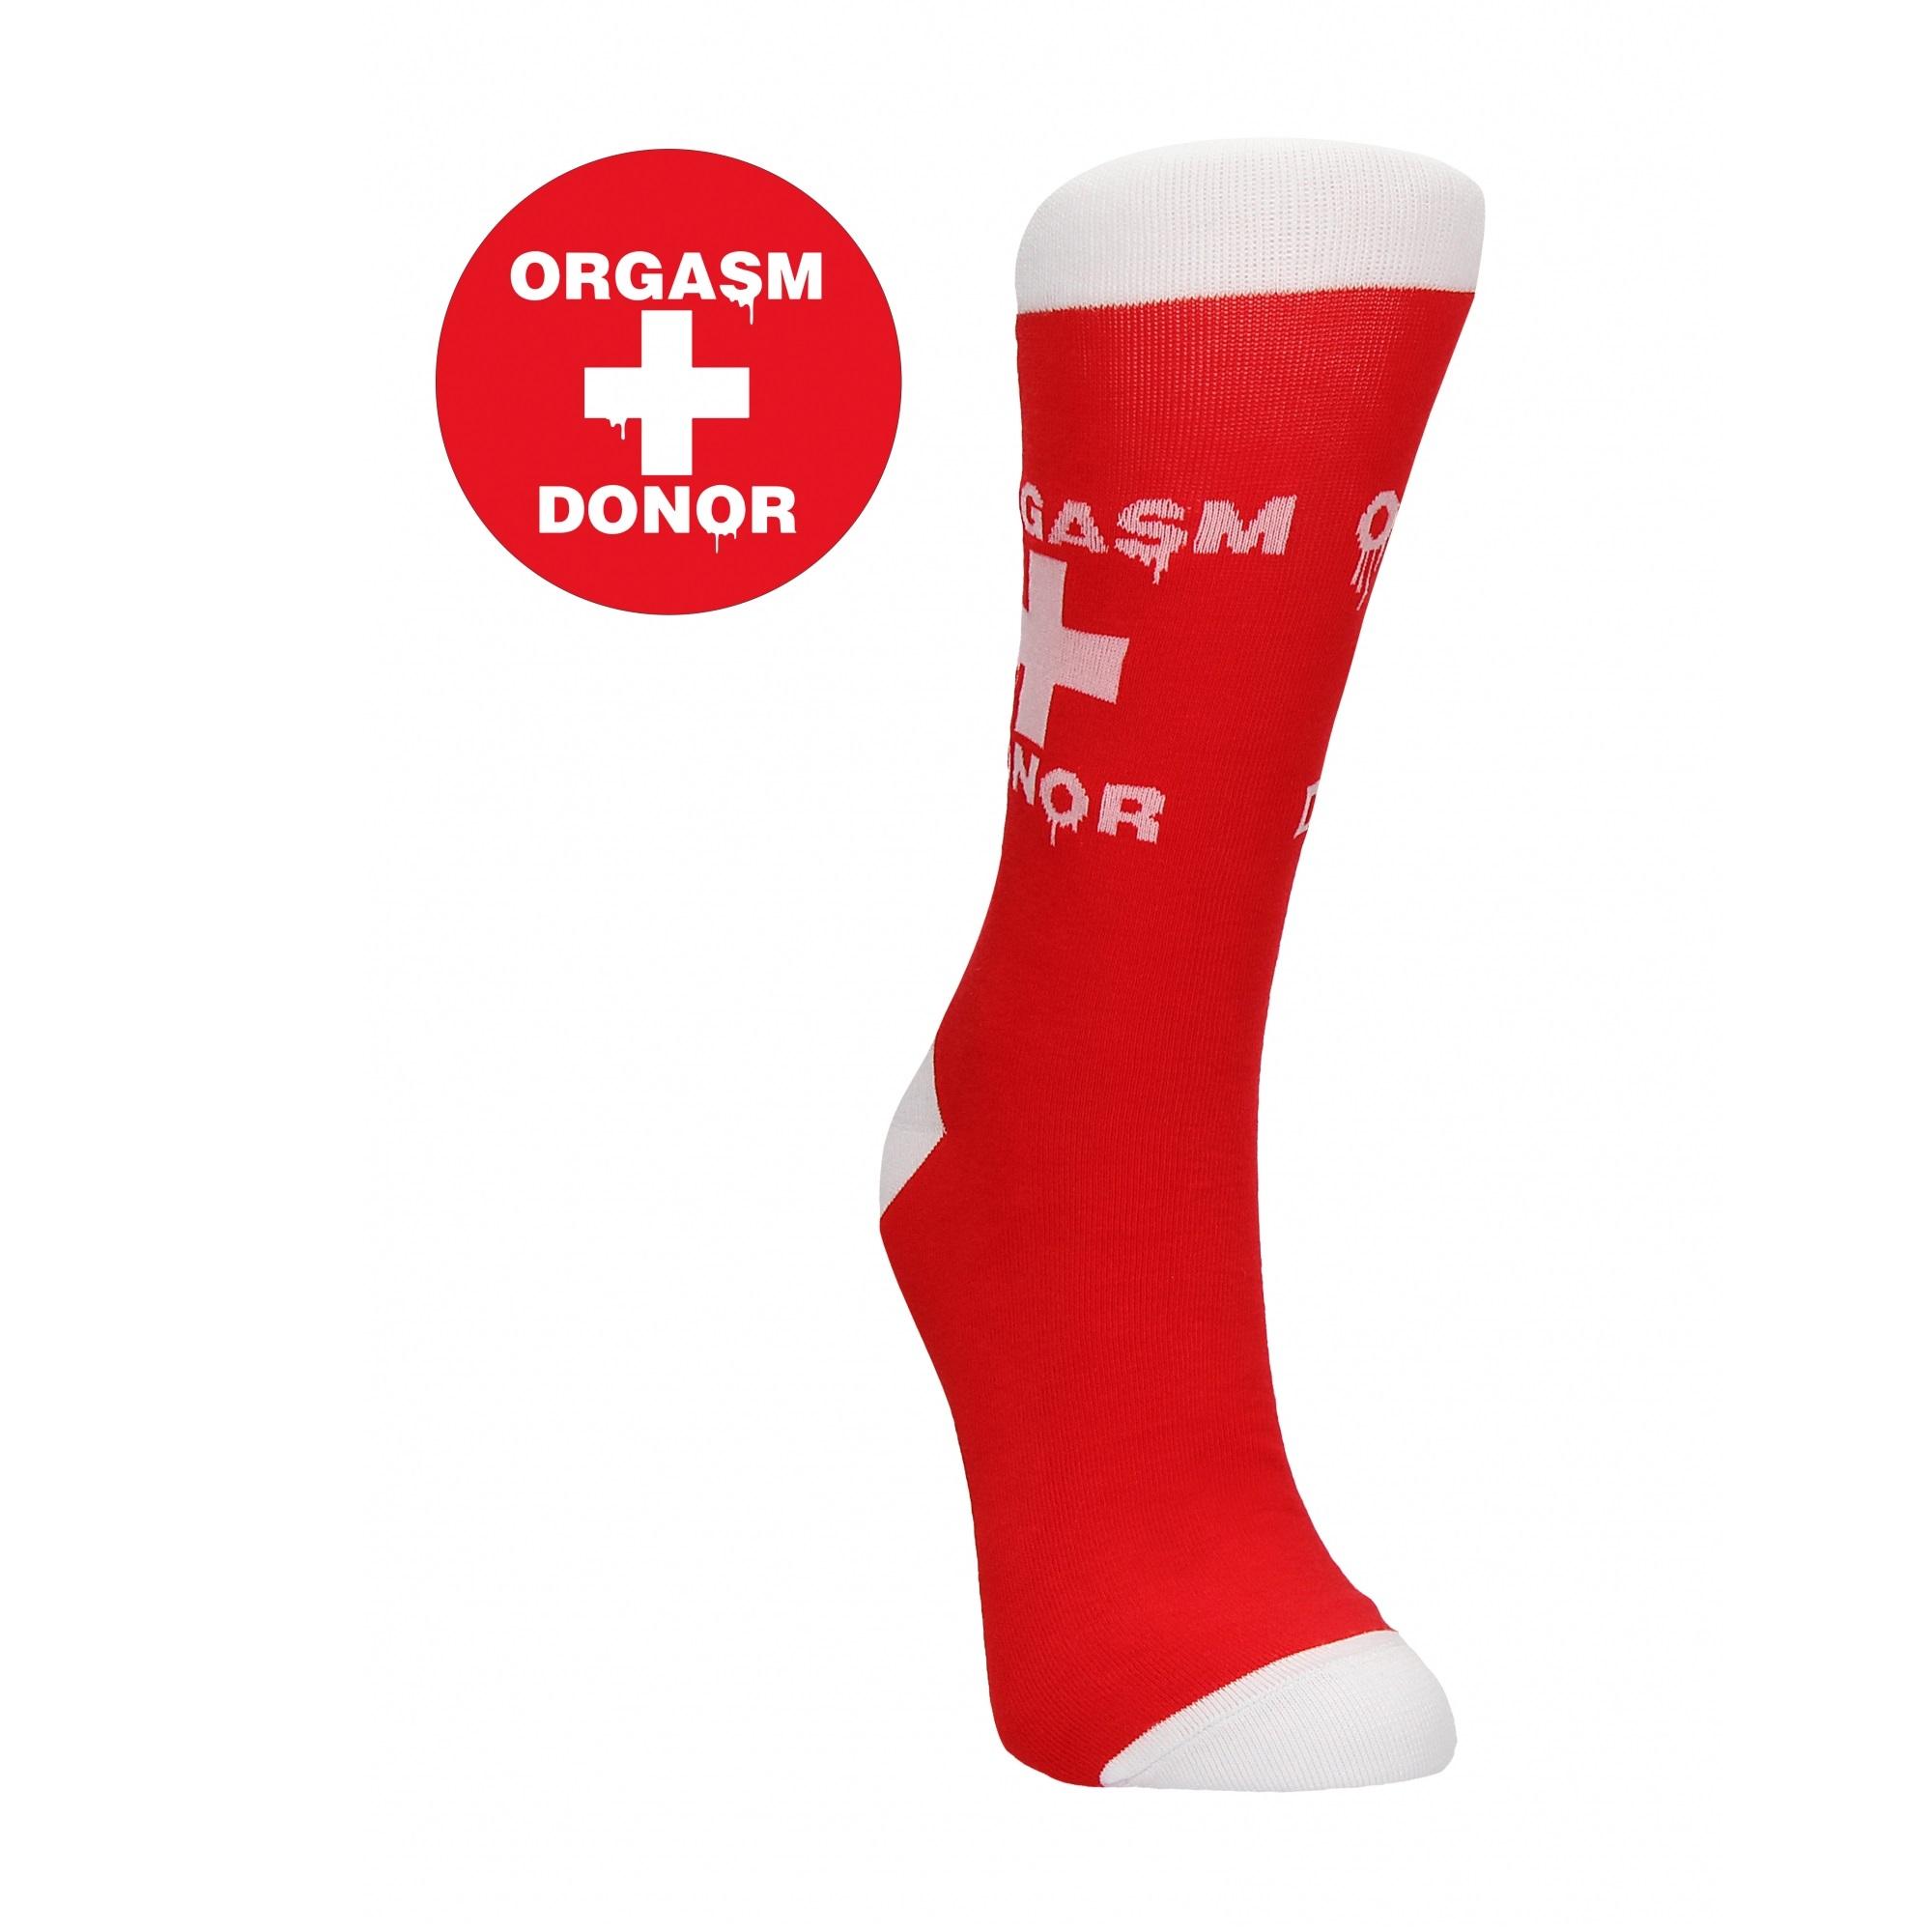 Секси чорапи, оргазъм донор – Orgasm Donor 42-46